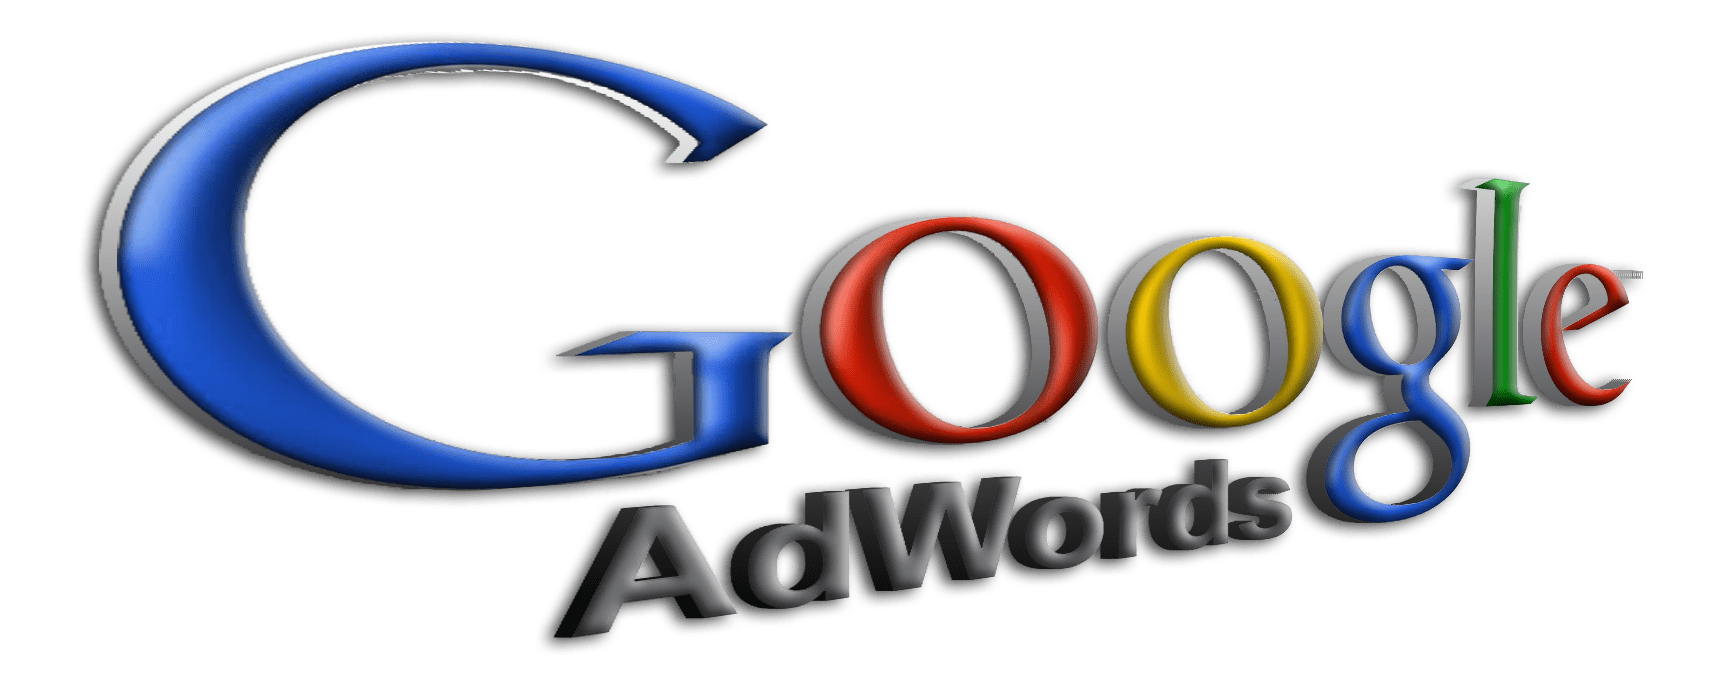 كيفية التسويق بواسطة جوجل آدوردز